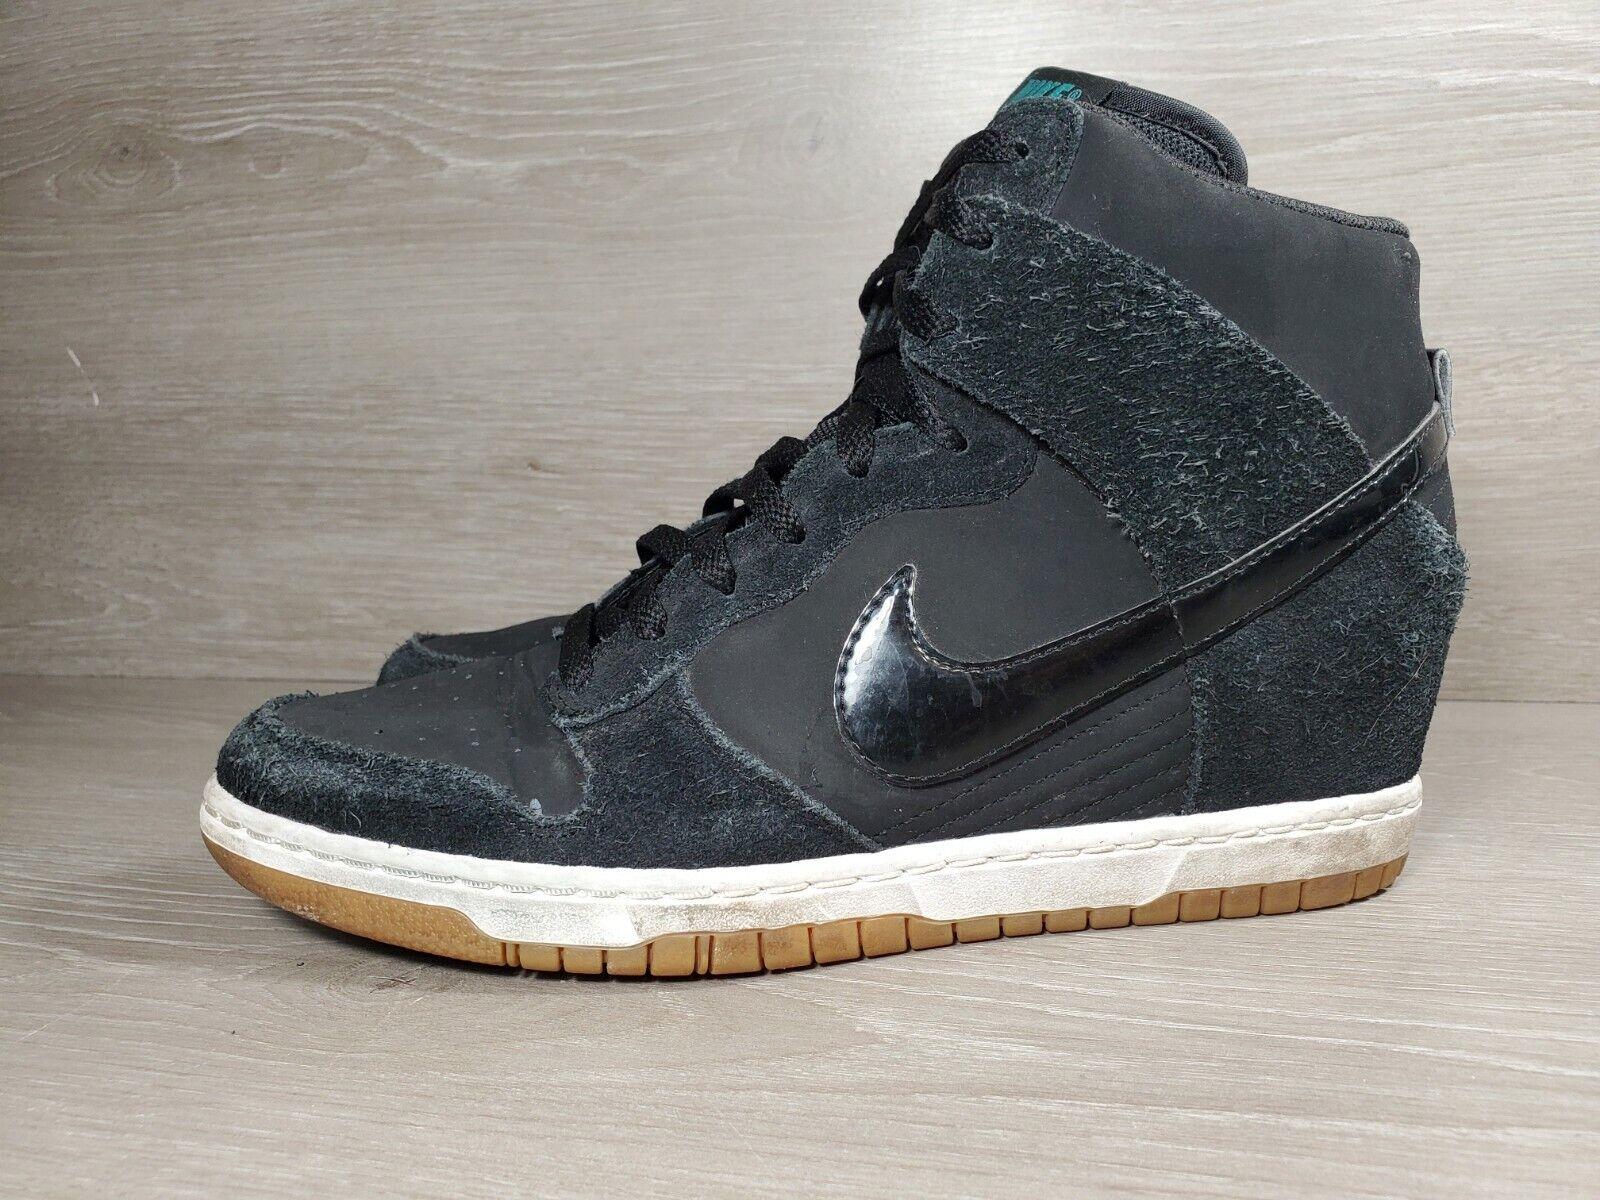 Nike Dunk Sky Hi Essential Hidden Heel